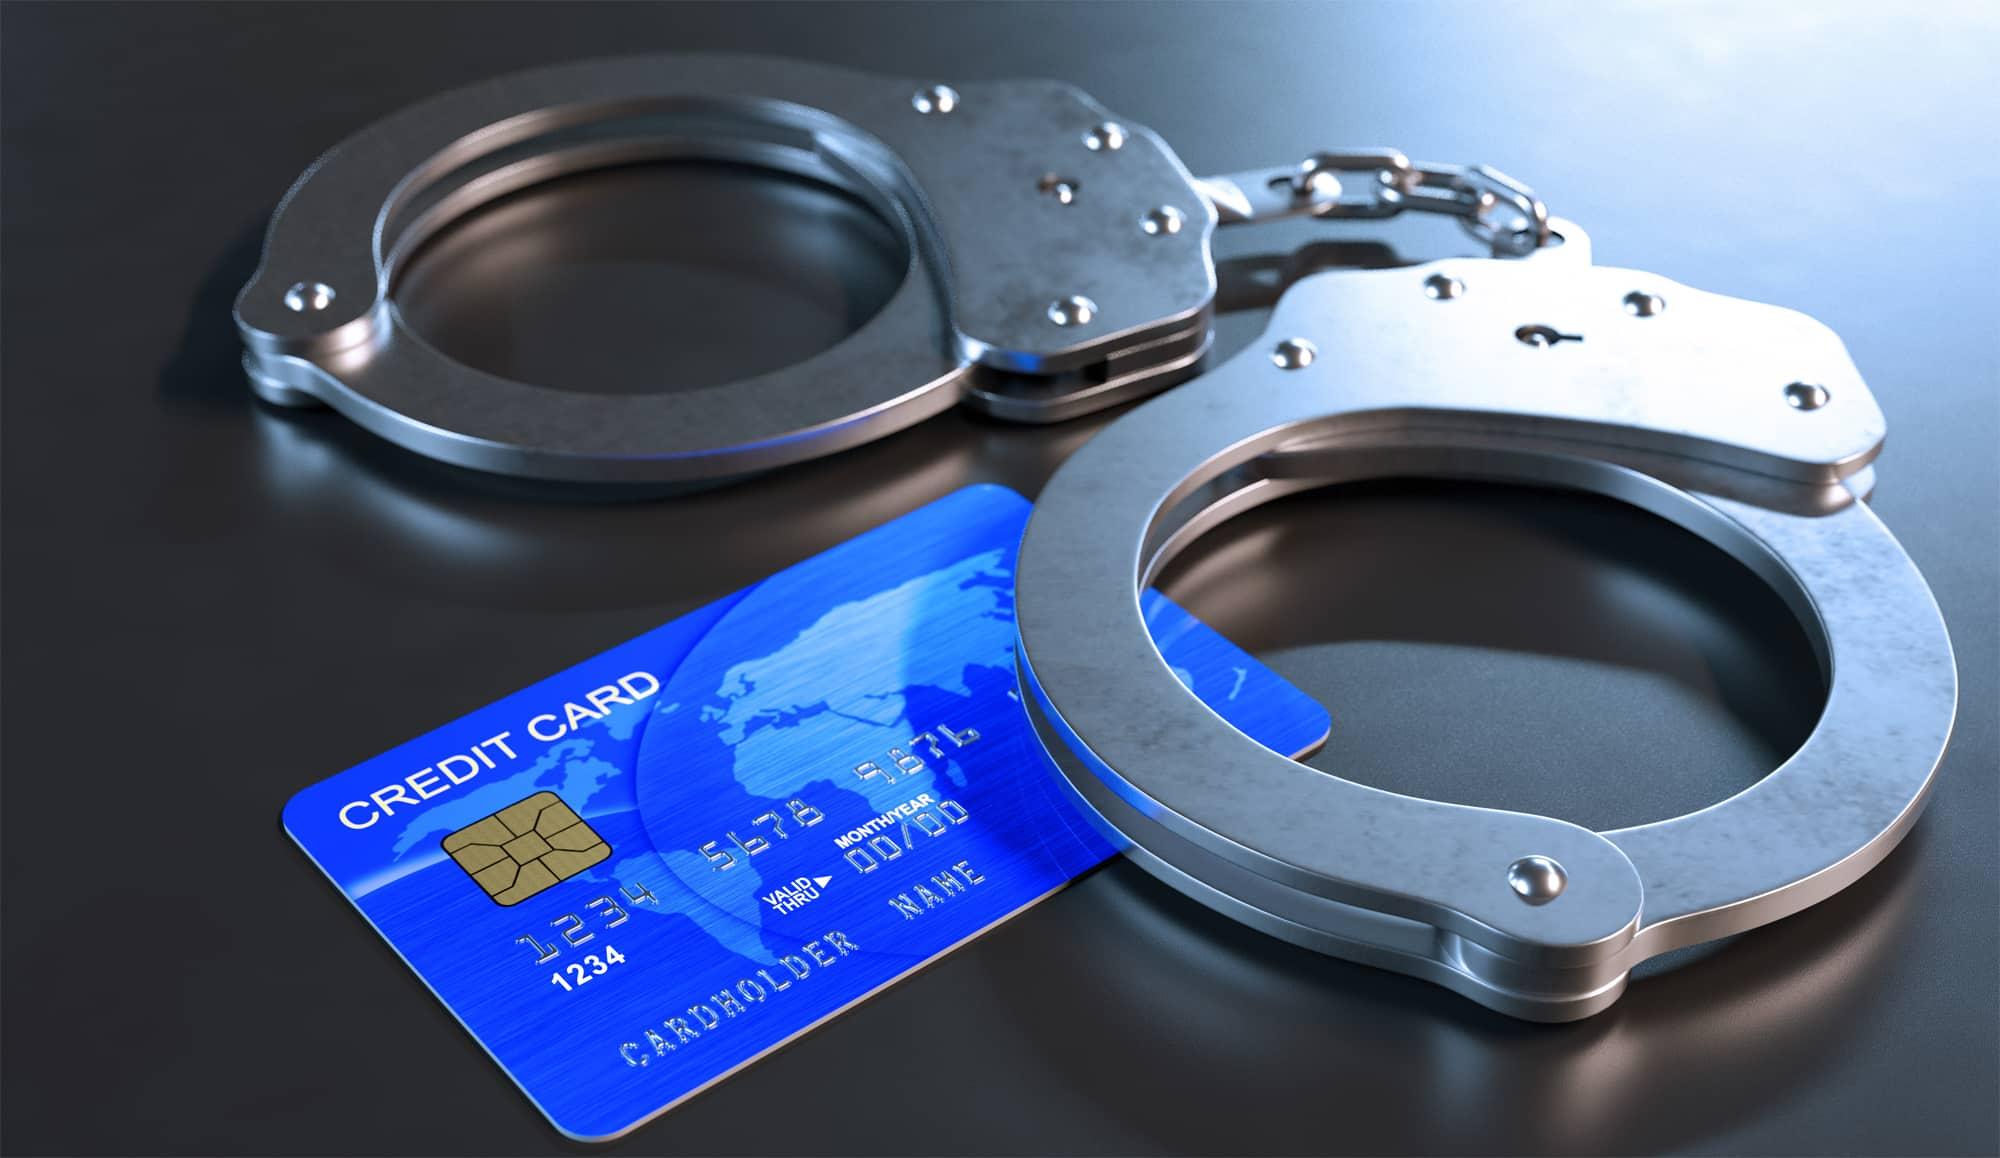 קבלת ערעור במחוזי בעבירות גניבה והונאה בכרטיסי אשראי